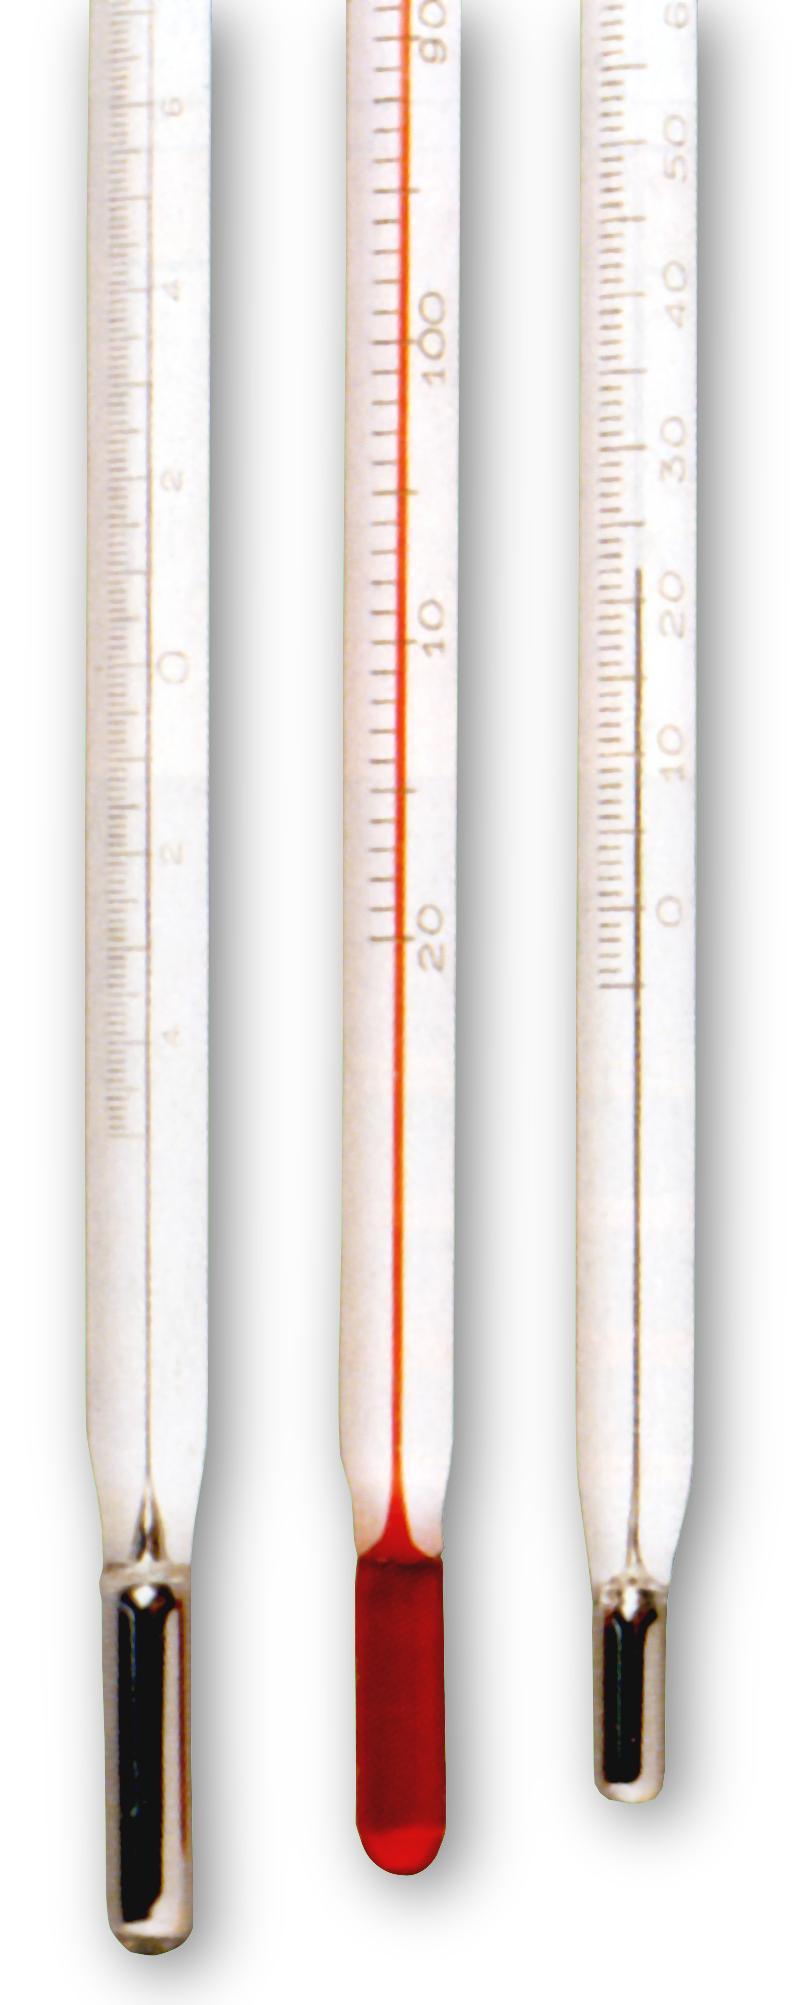 ميزان الحرارة (الثيرمومتر) – أجهزة القياس في مختبرات الكيمياء Thermometer